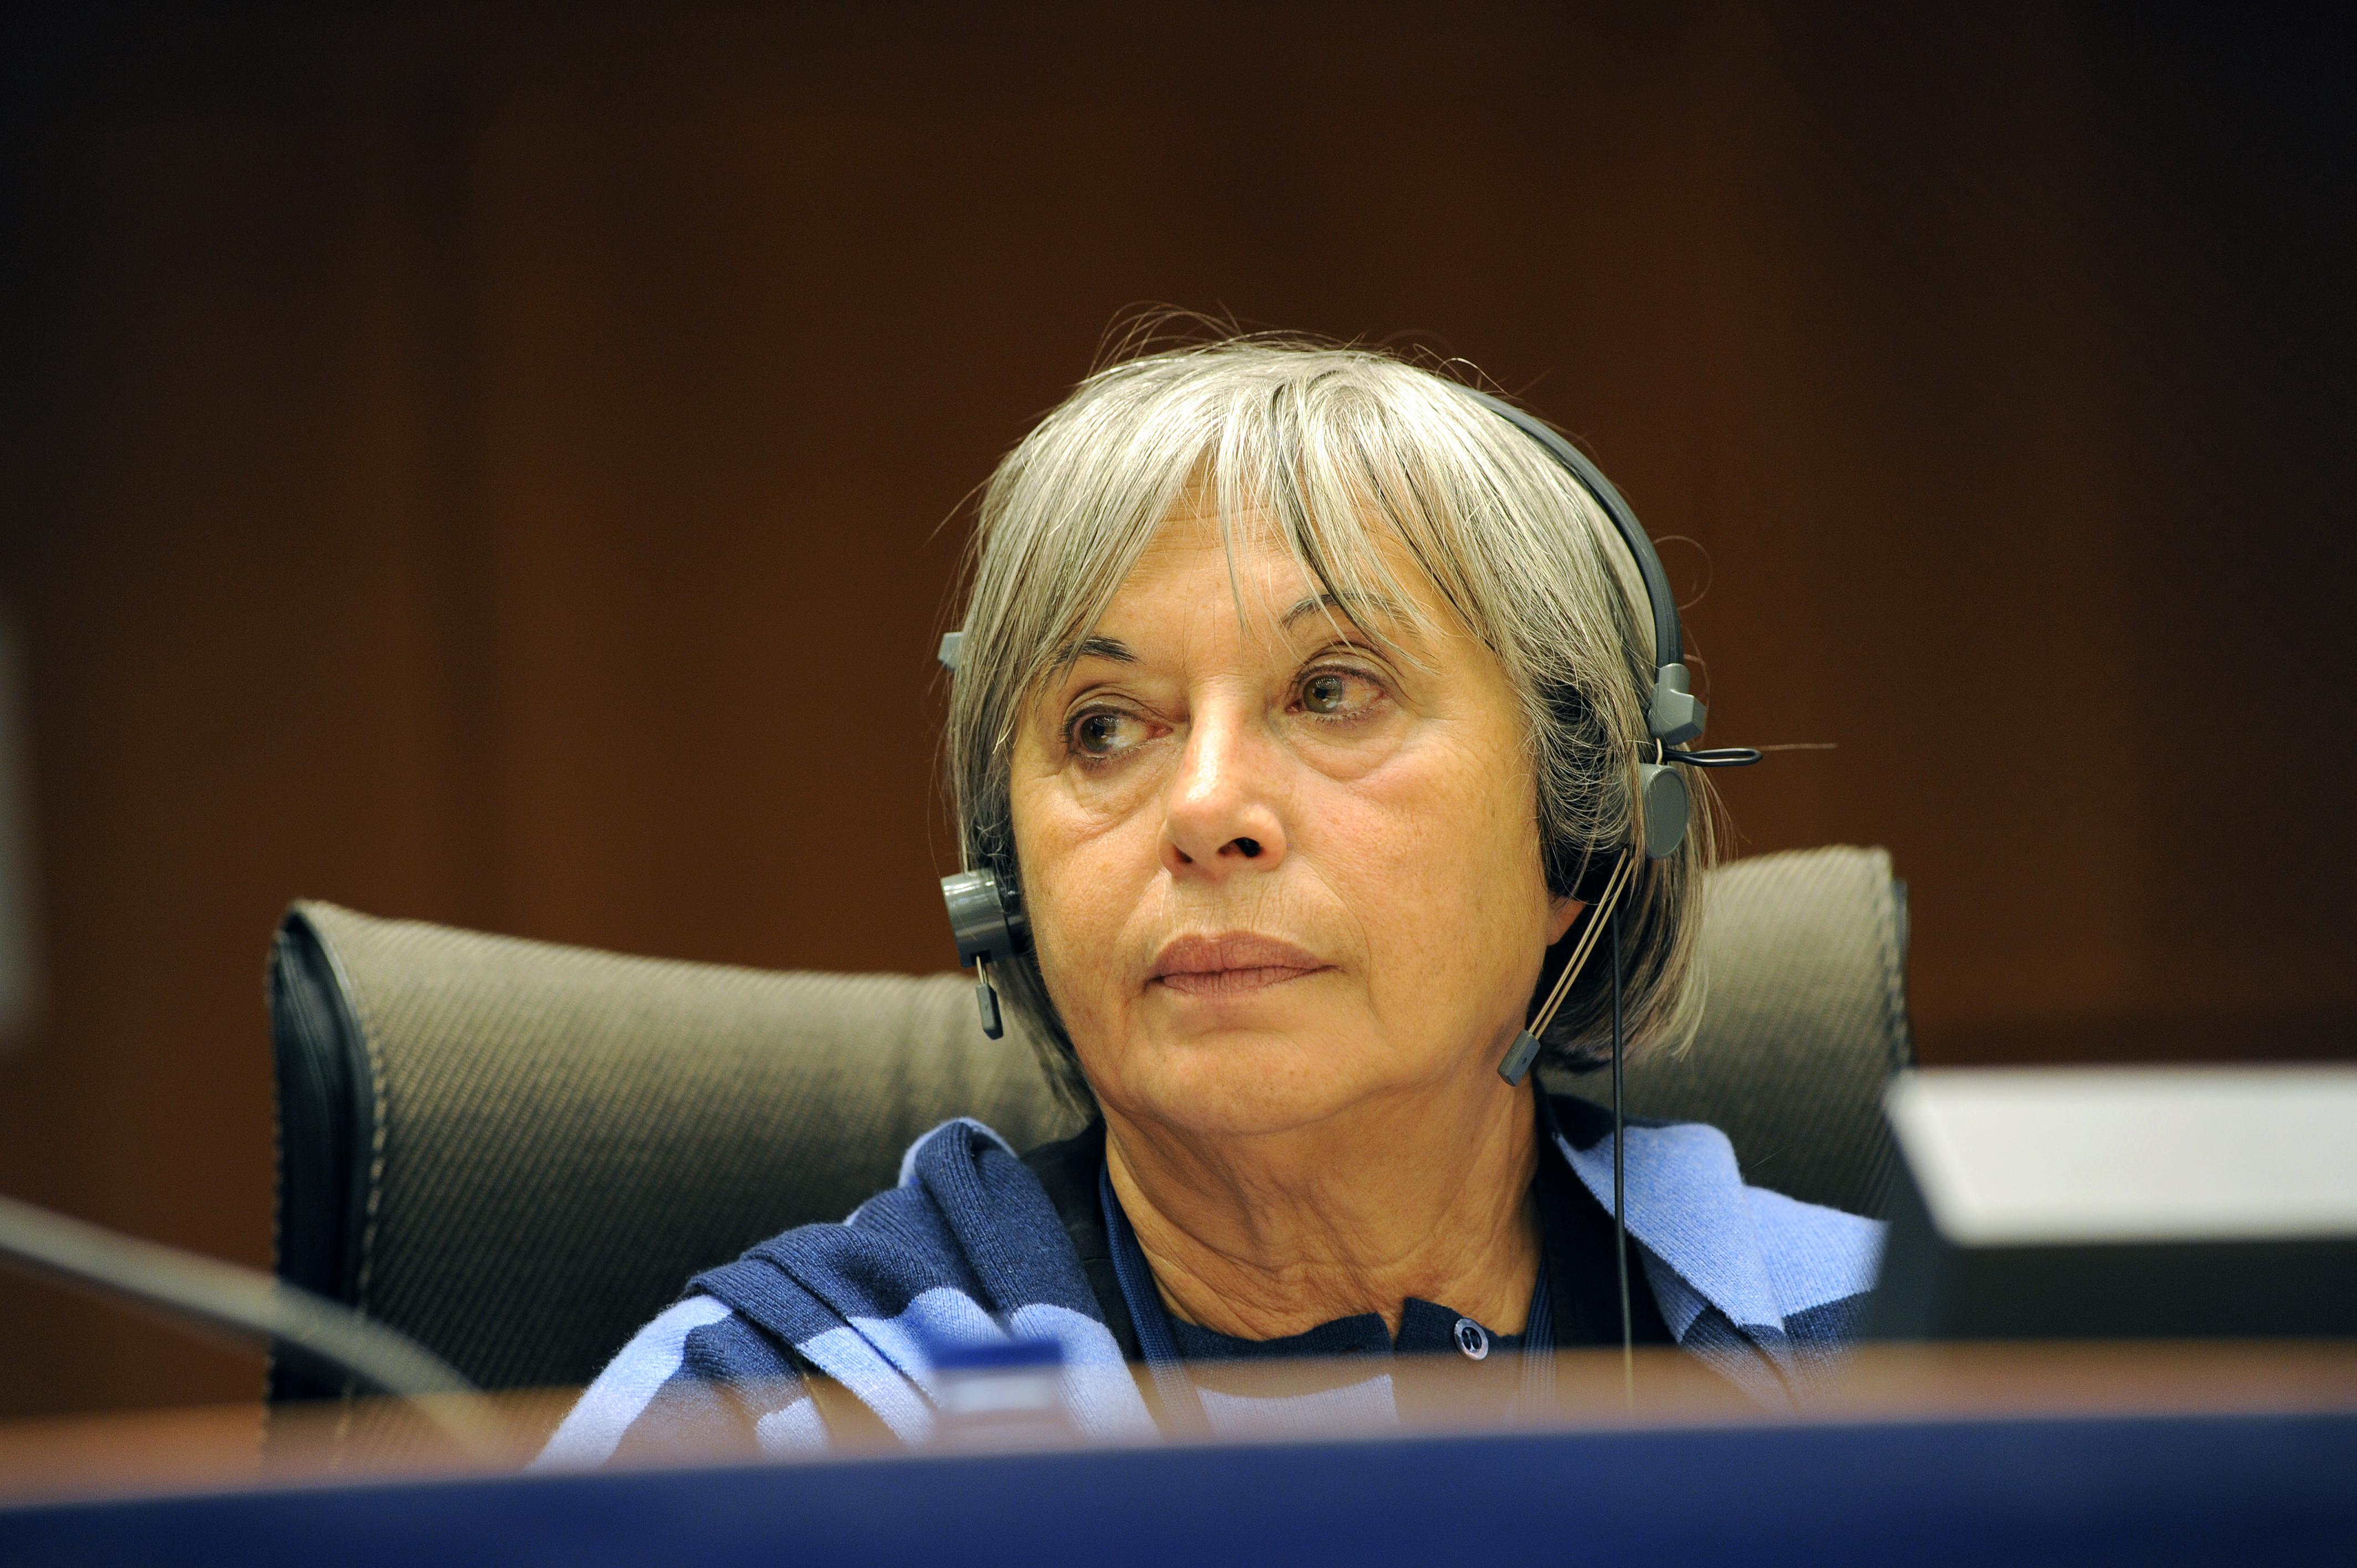 Marta Vincenzi condannata: 'Sono innocente'